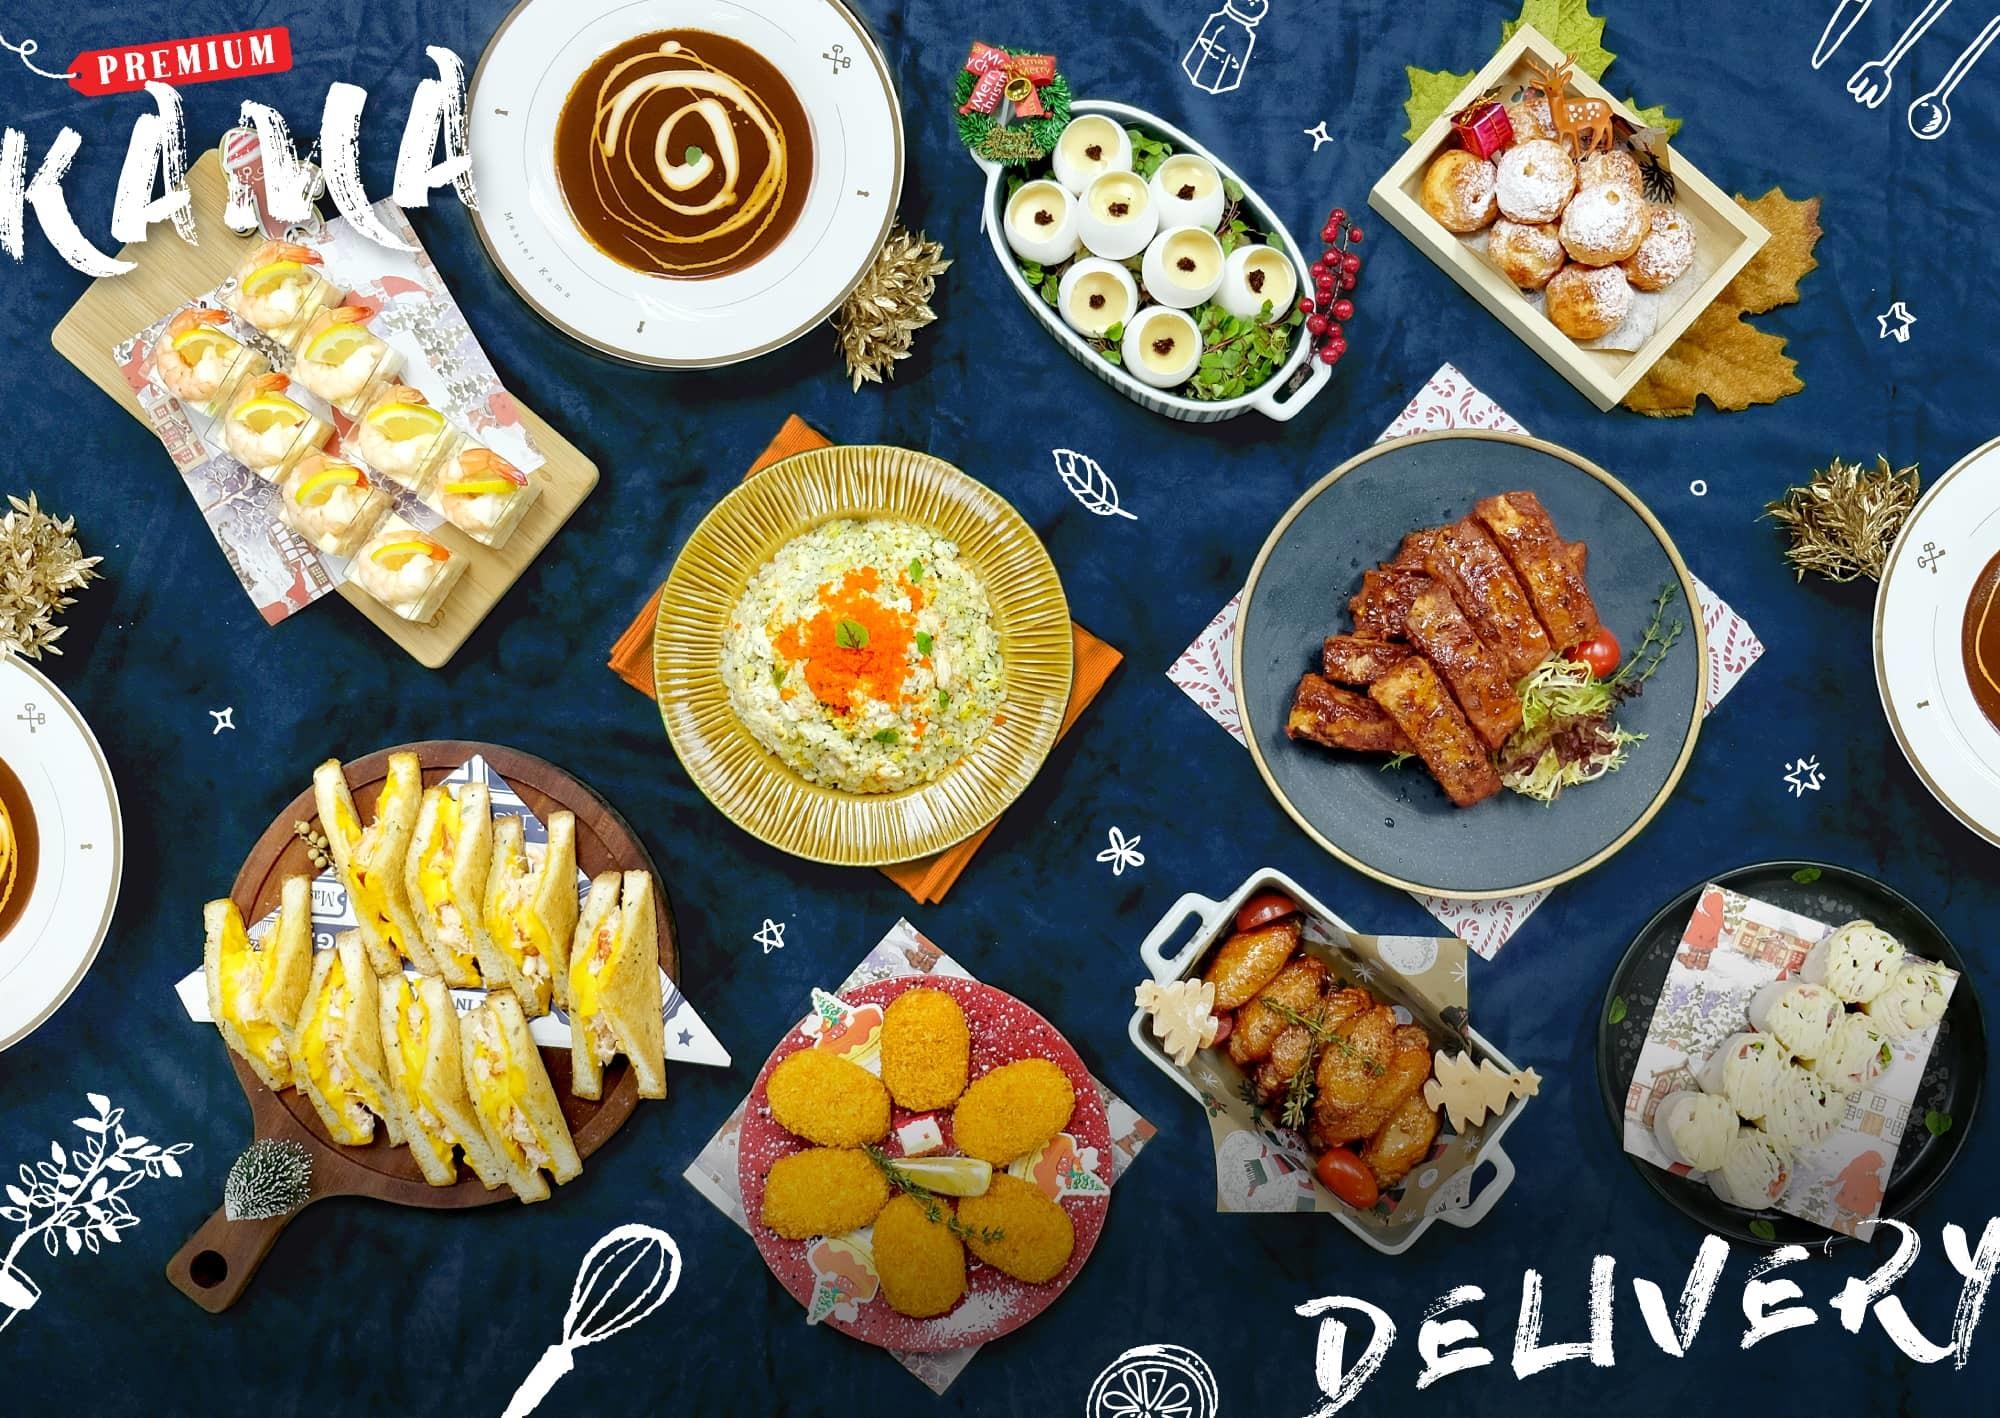 84人外賣套餐推介 Kama Delivery大型直送到會 精選自訂人數餐盒 特設全港免費送貨 大量派對美食任君選擇